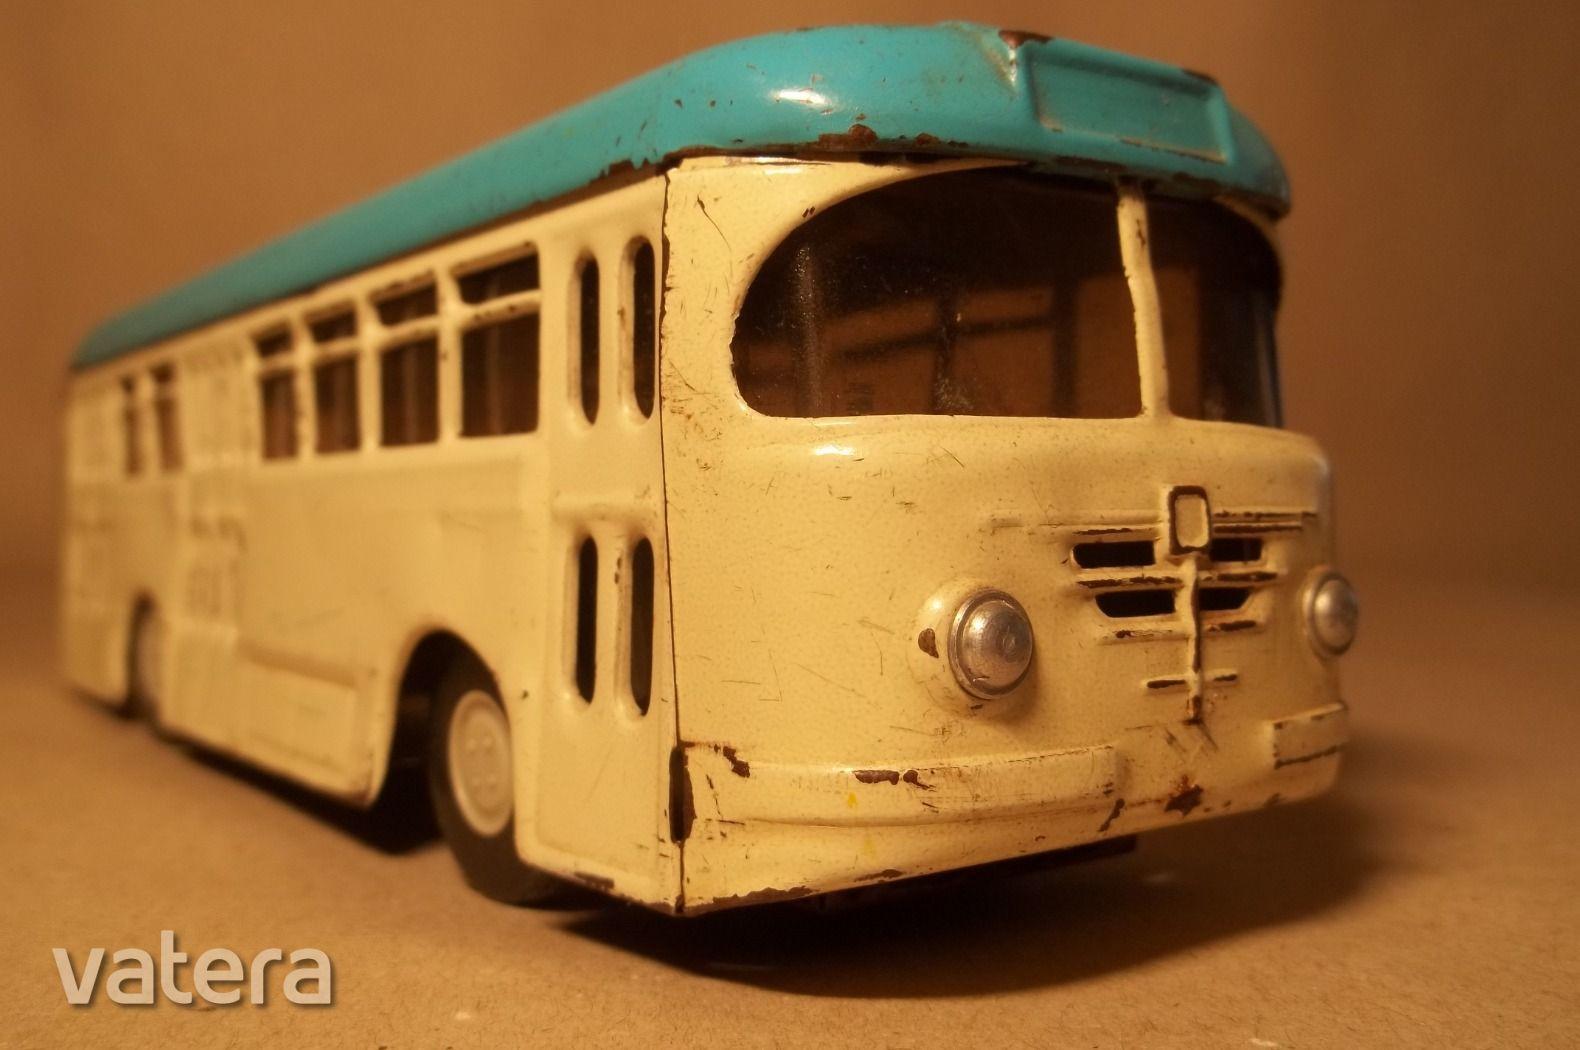 kovap-575-bussing-1959-jelu-regi-retro-jatek-autobusz-905b_8_big.jpg